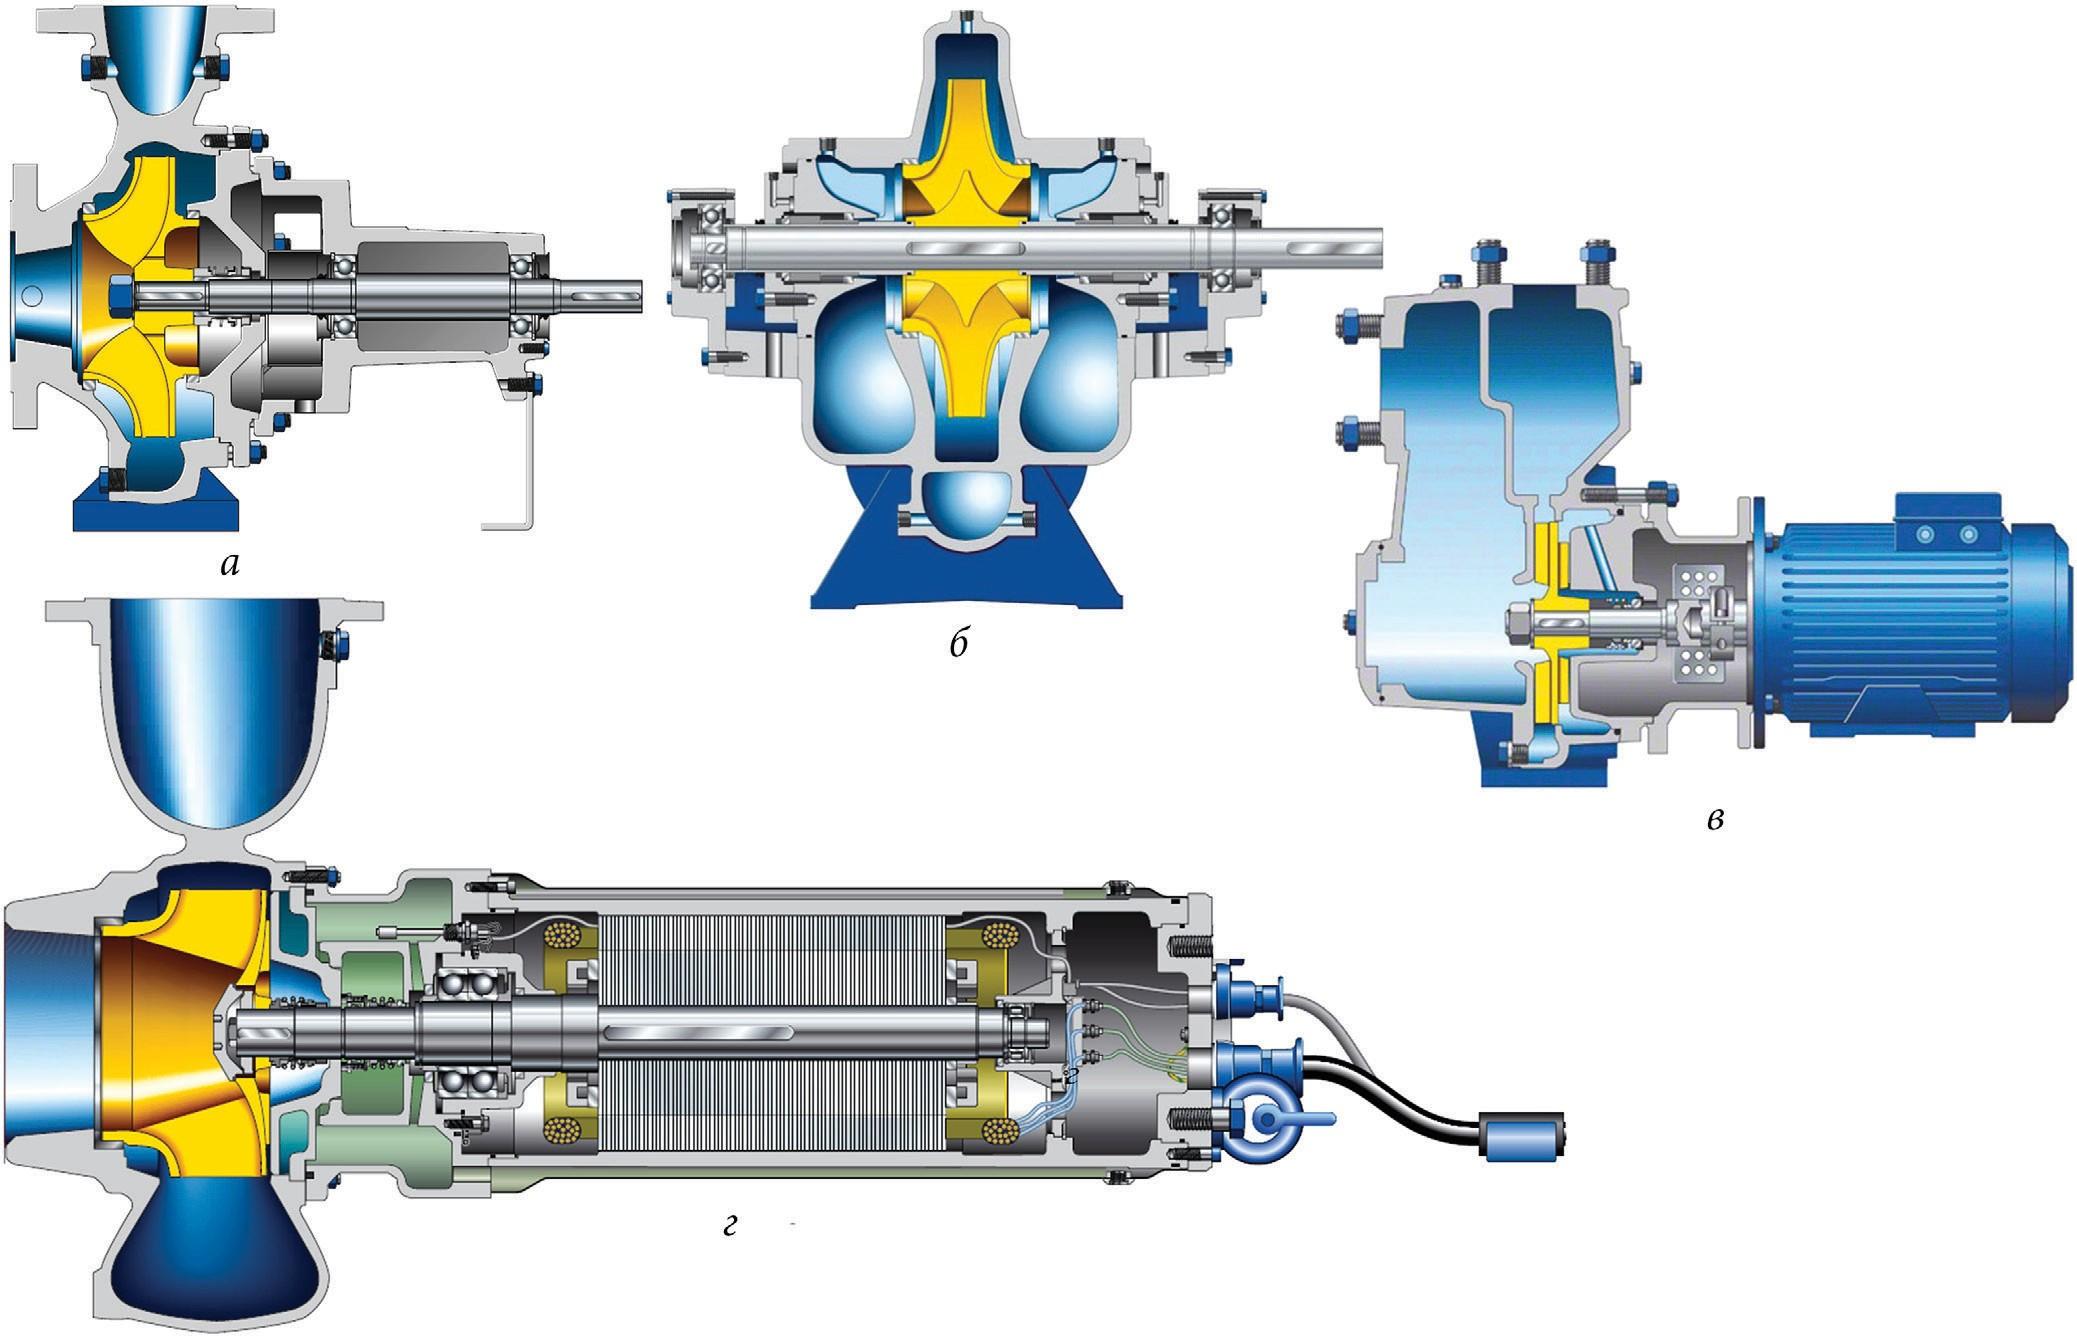 горизонтальные центробежные насосы и насосные агрегаты